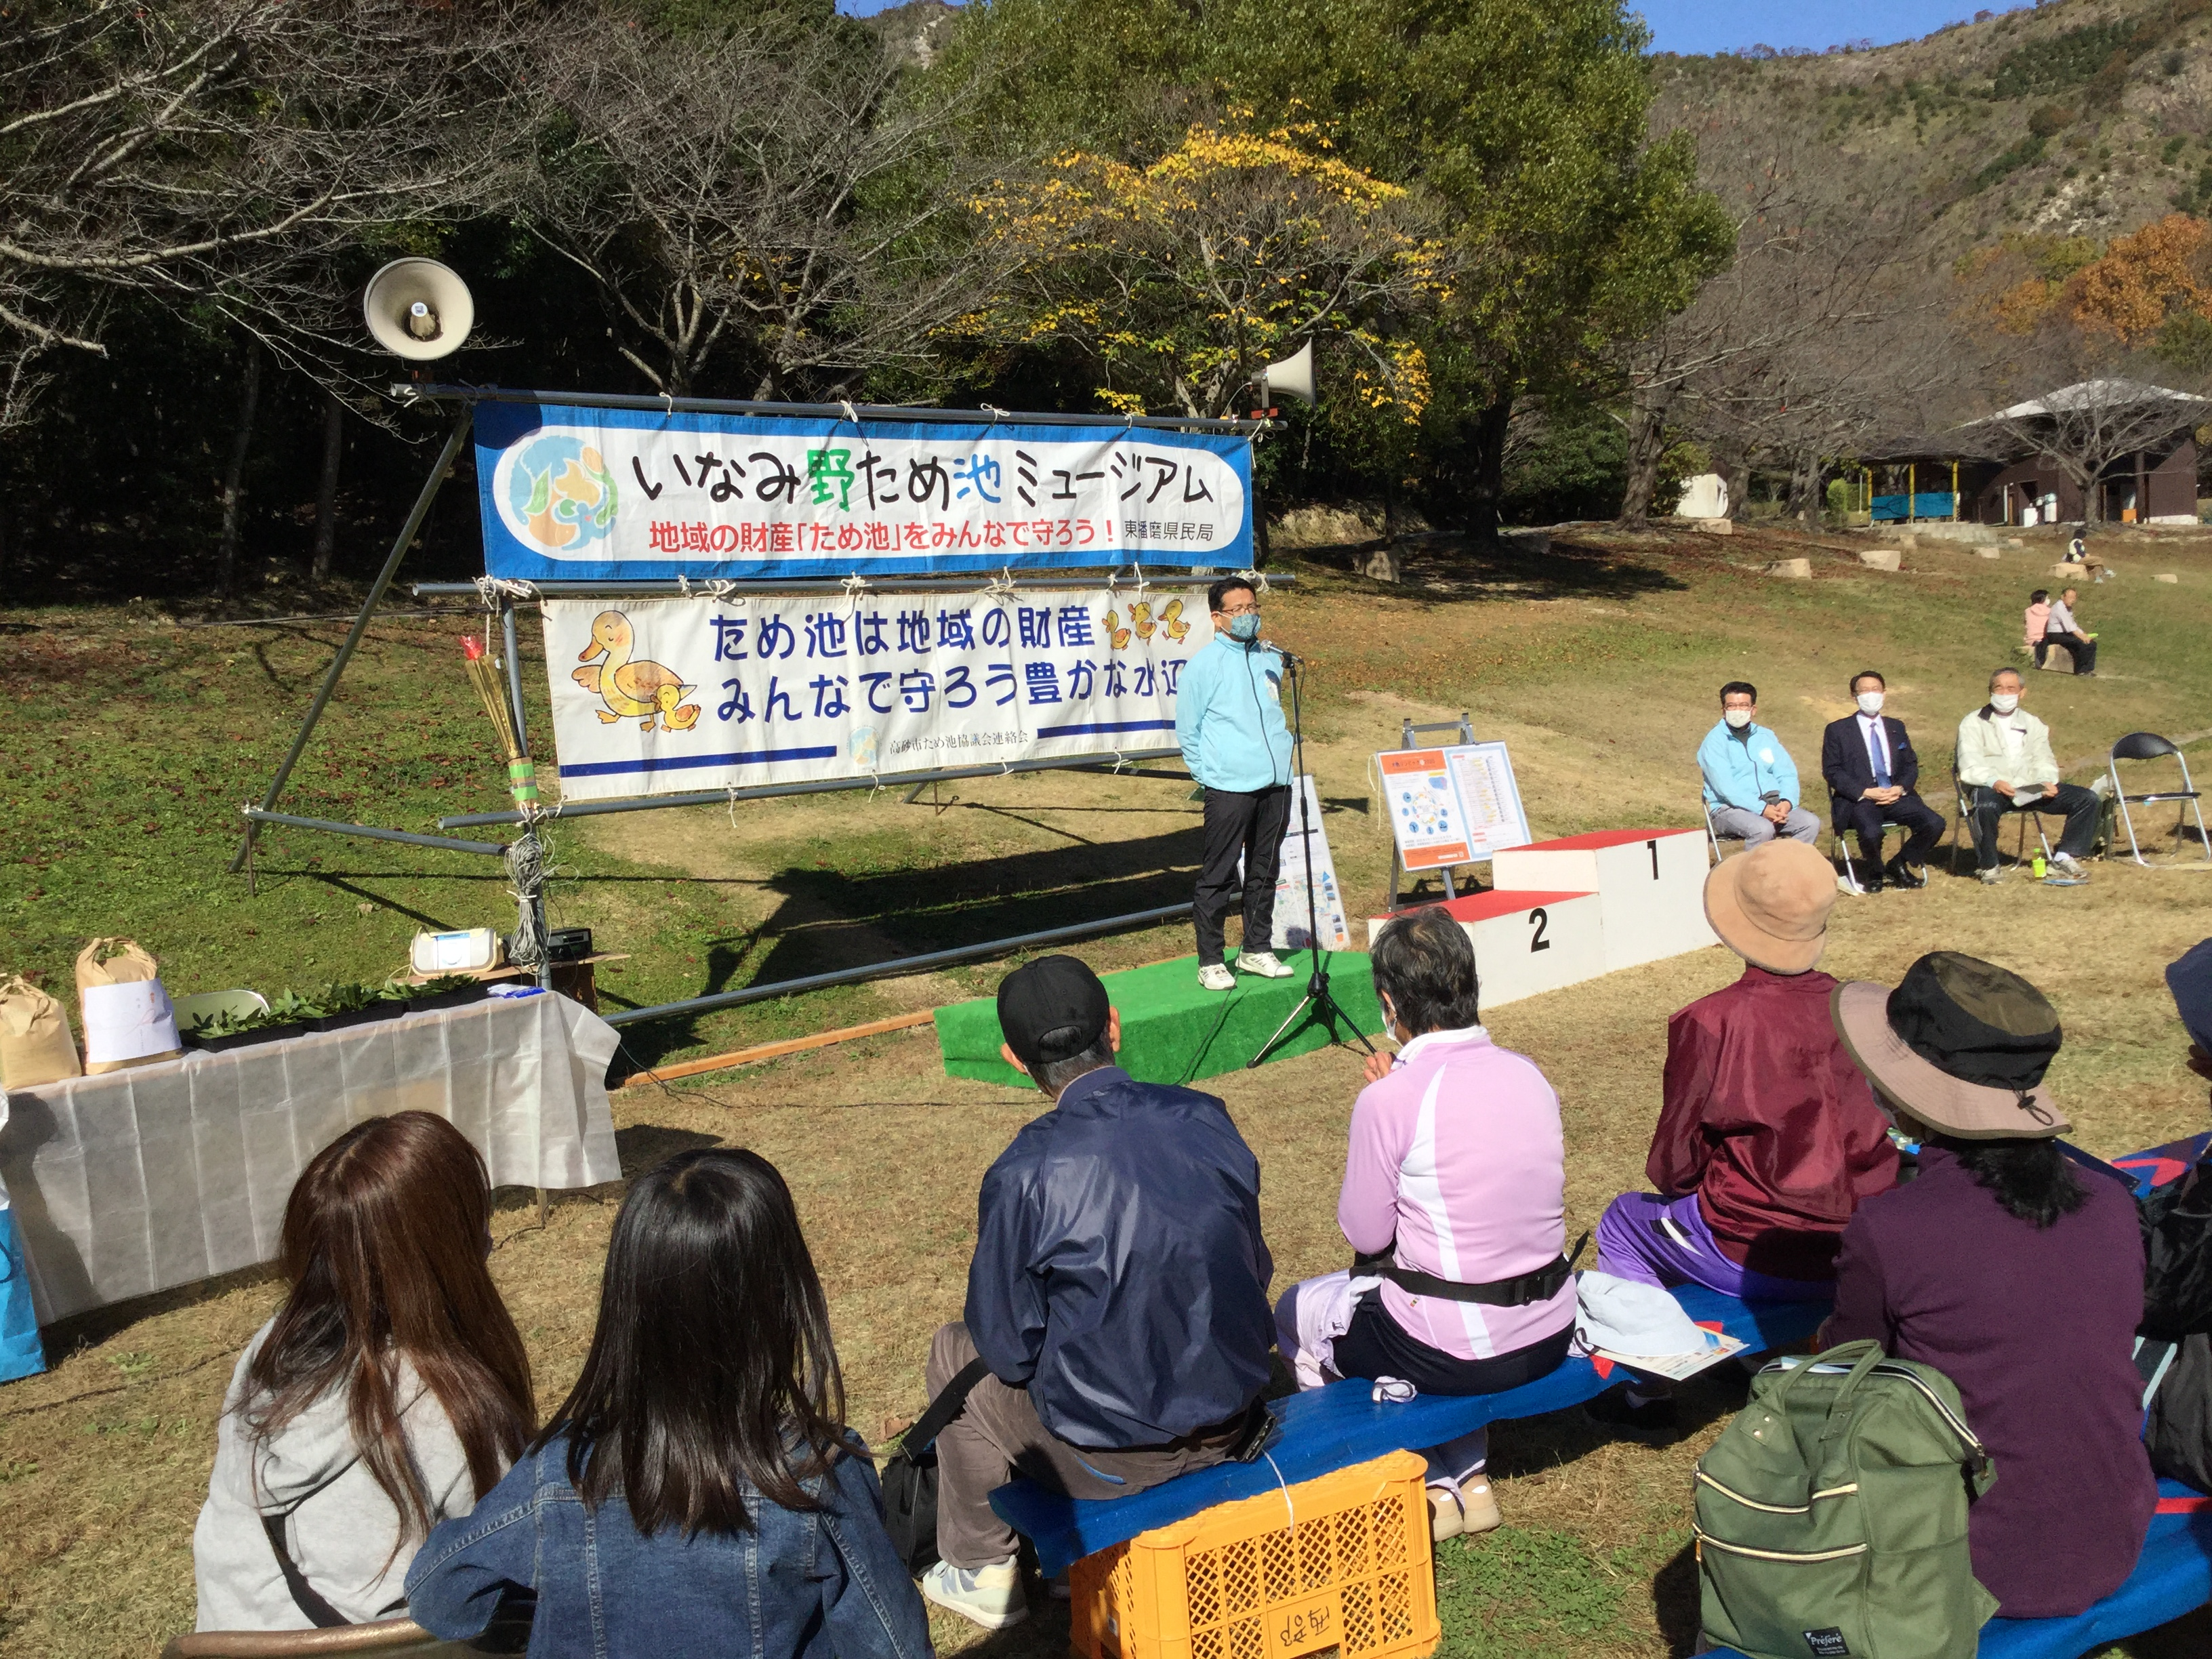 市ノ池公園会場では、来賓の伊藤東播磨県民局長が挨拶があり、司会の方から忘れない名前『伊藤裕文』と連呼され会場が盛り上がりました。